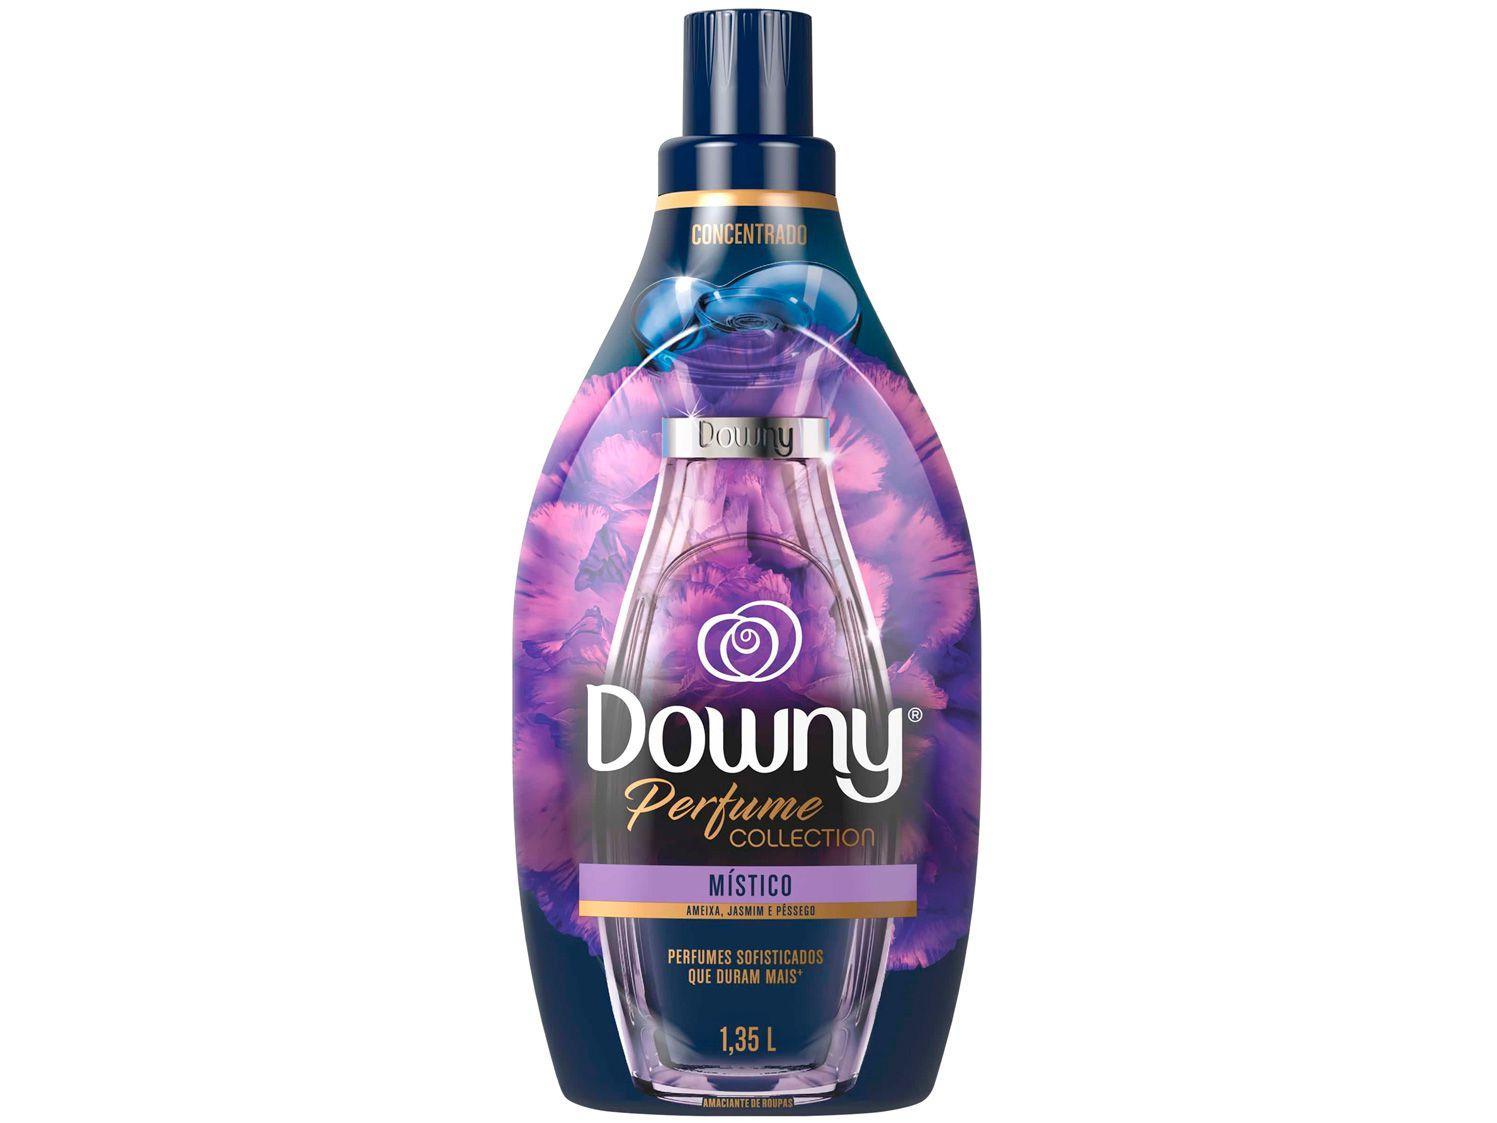 Amaciante Downy Perfume Collection Místico - Concentrado 1,35L